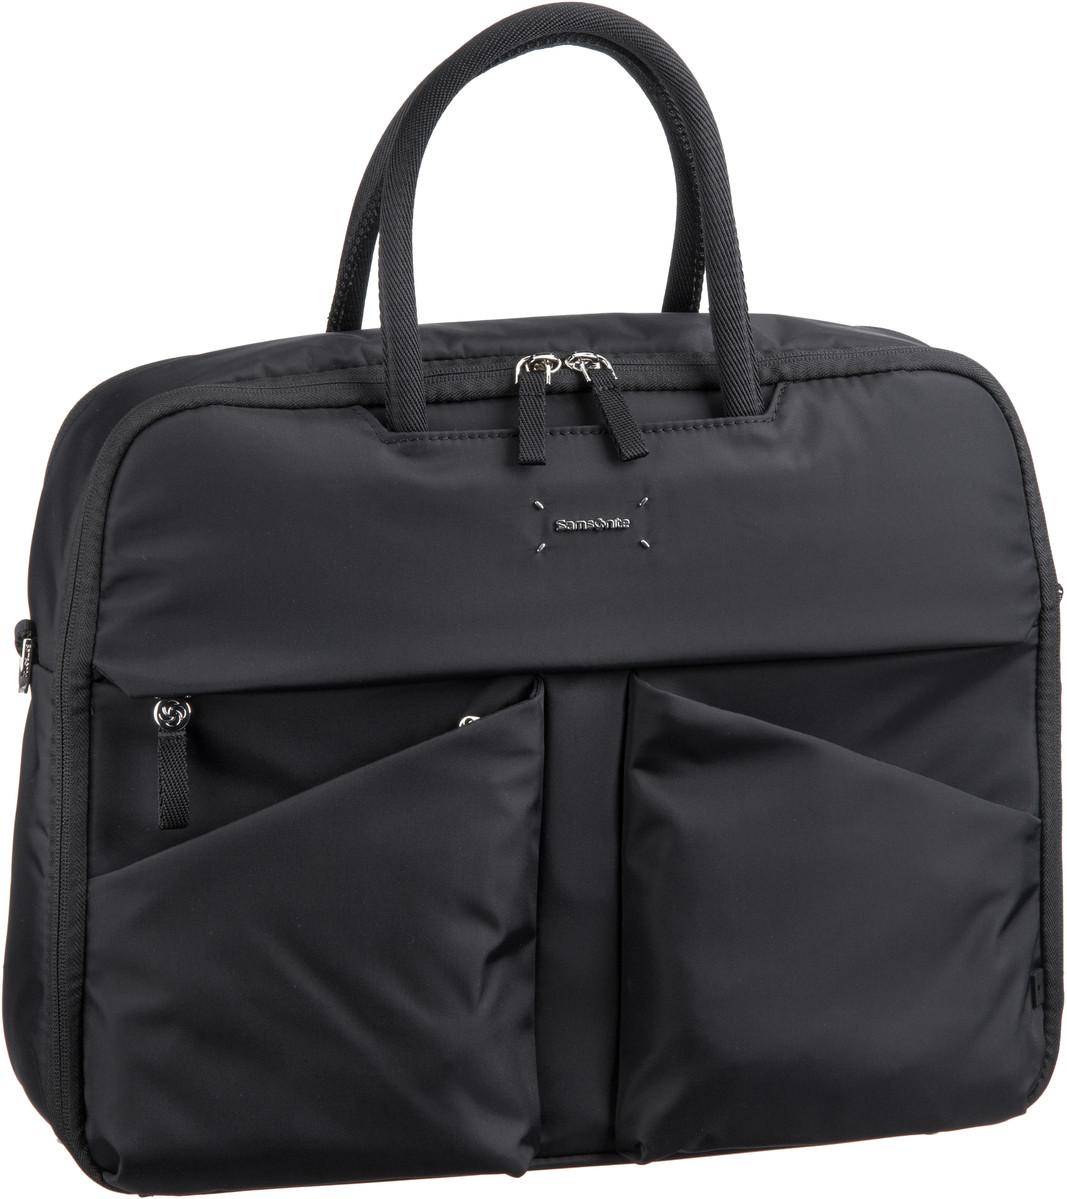 Businesstaschen für Frauen - Samsonite Lady Tech Bailhandle 15.6'' Black Aktentasche  - Onlineshop Taschenkaufhaus